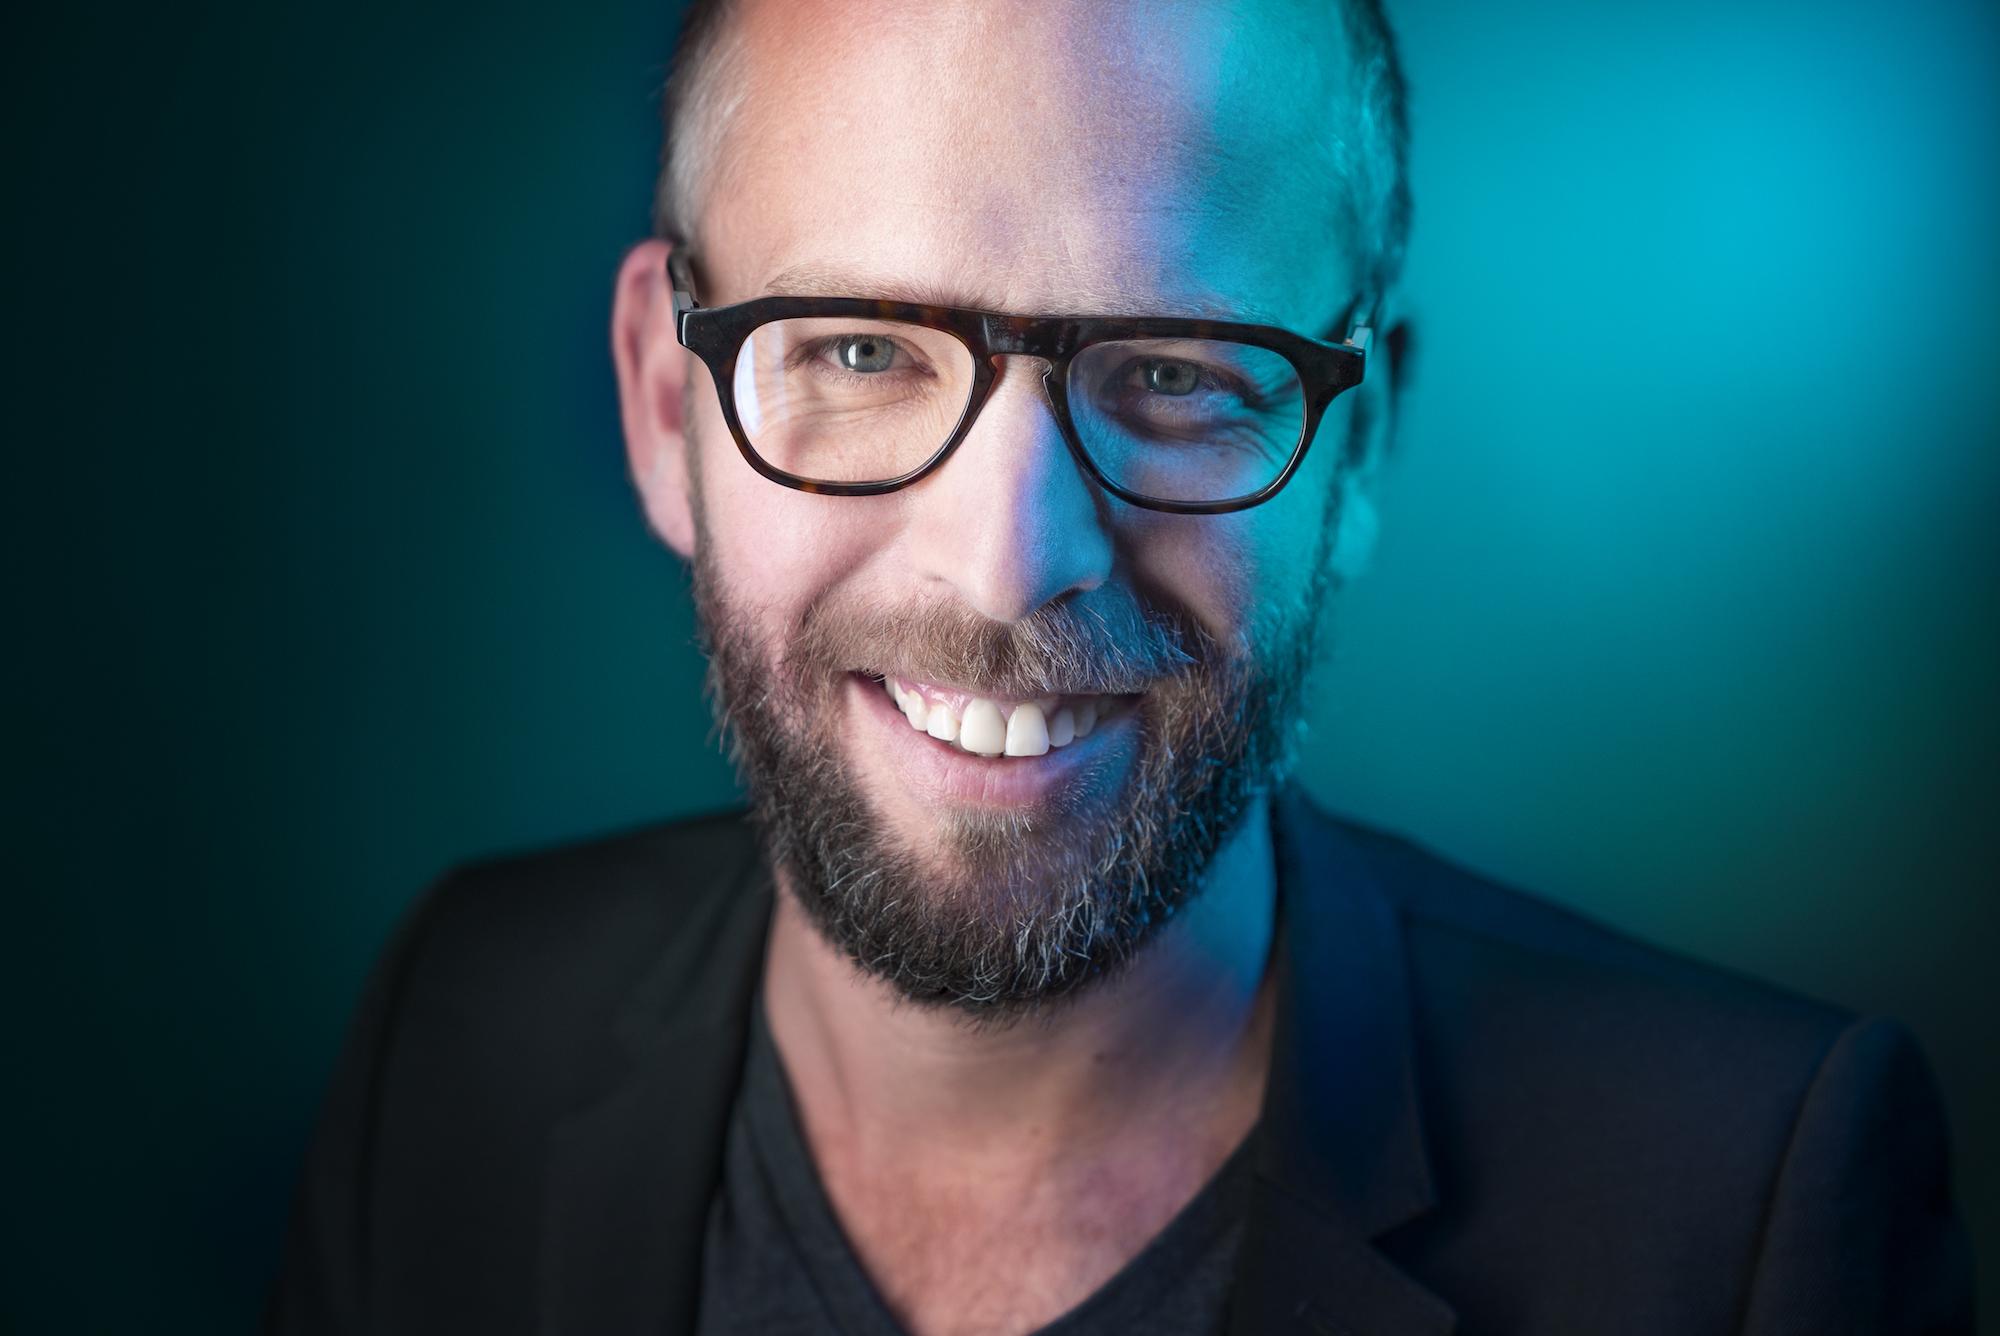 Guillaume Mikowski (Brainsonic)